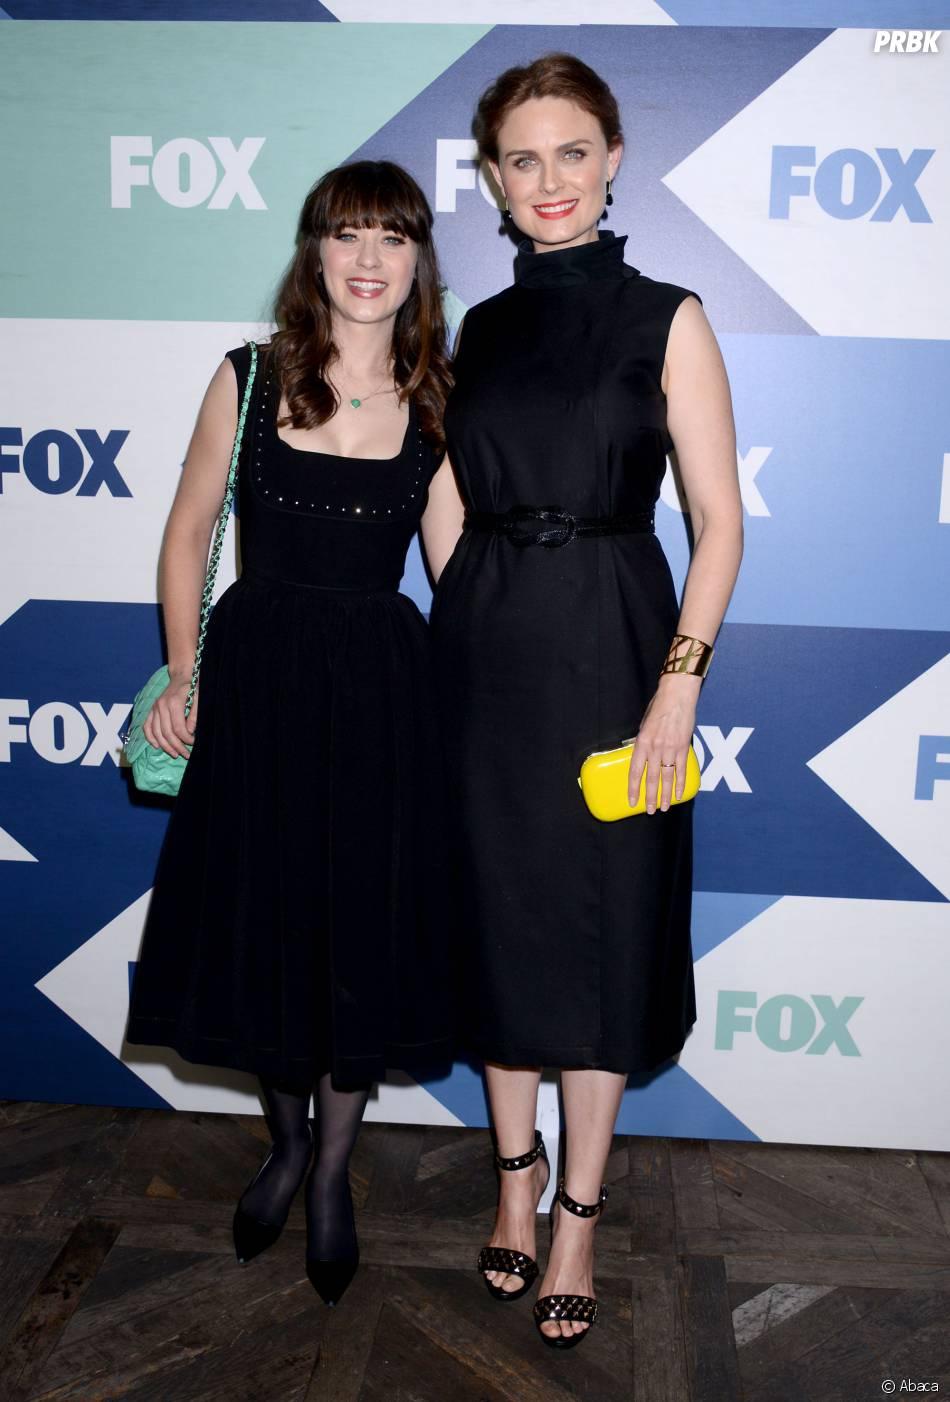 Zooey Deschanel et sa soeur Emily Deschanel lors d'une soirée organisée par FOX